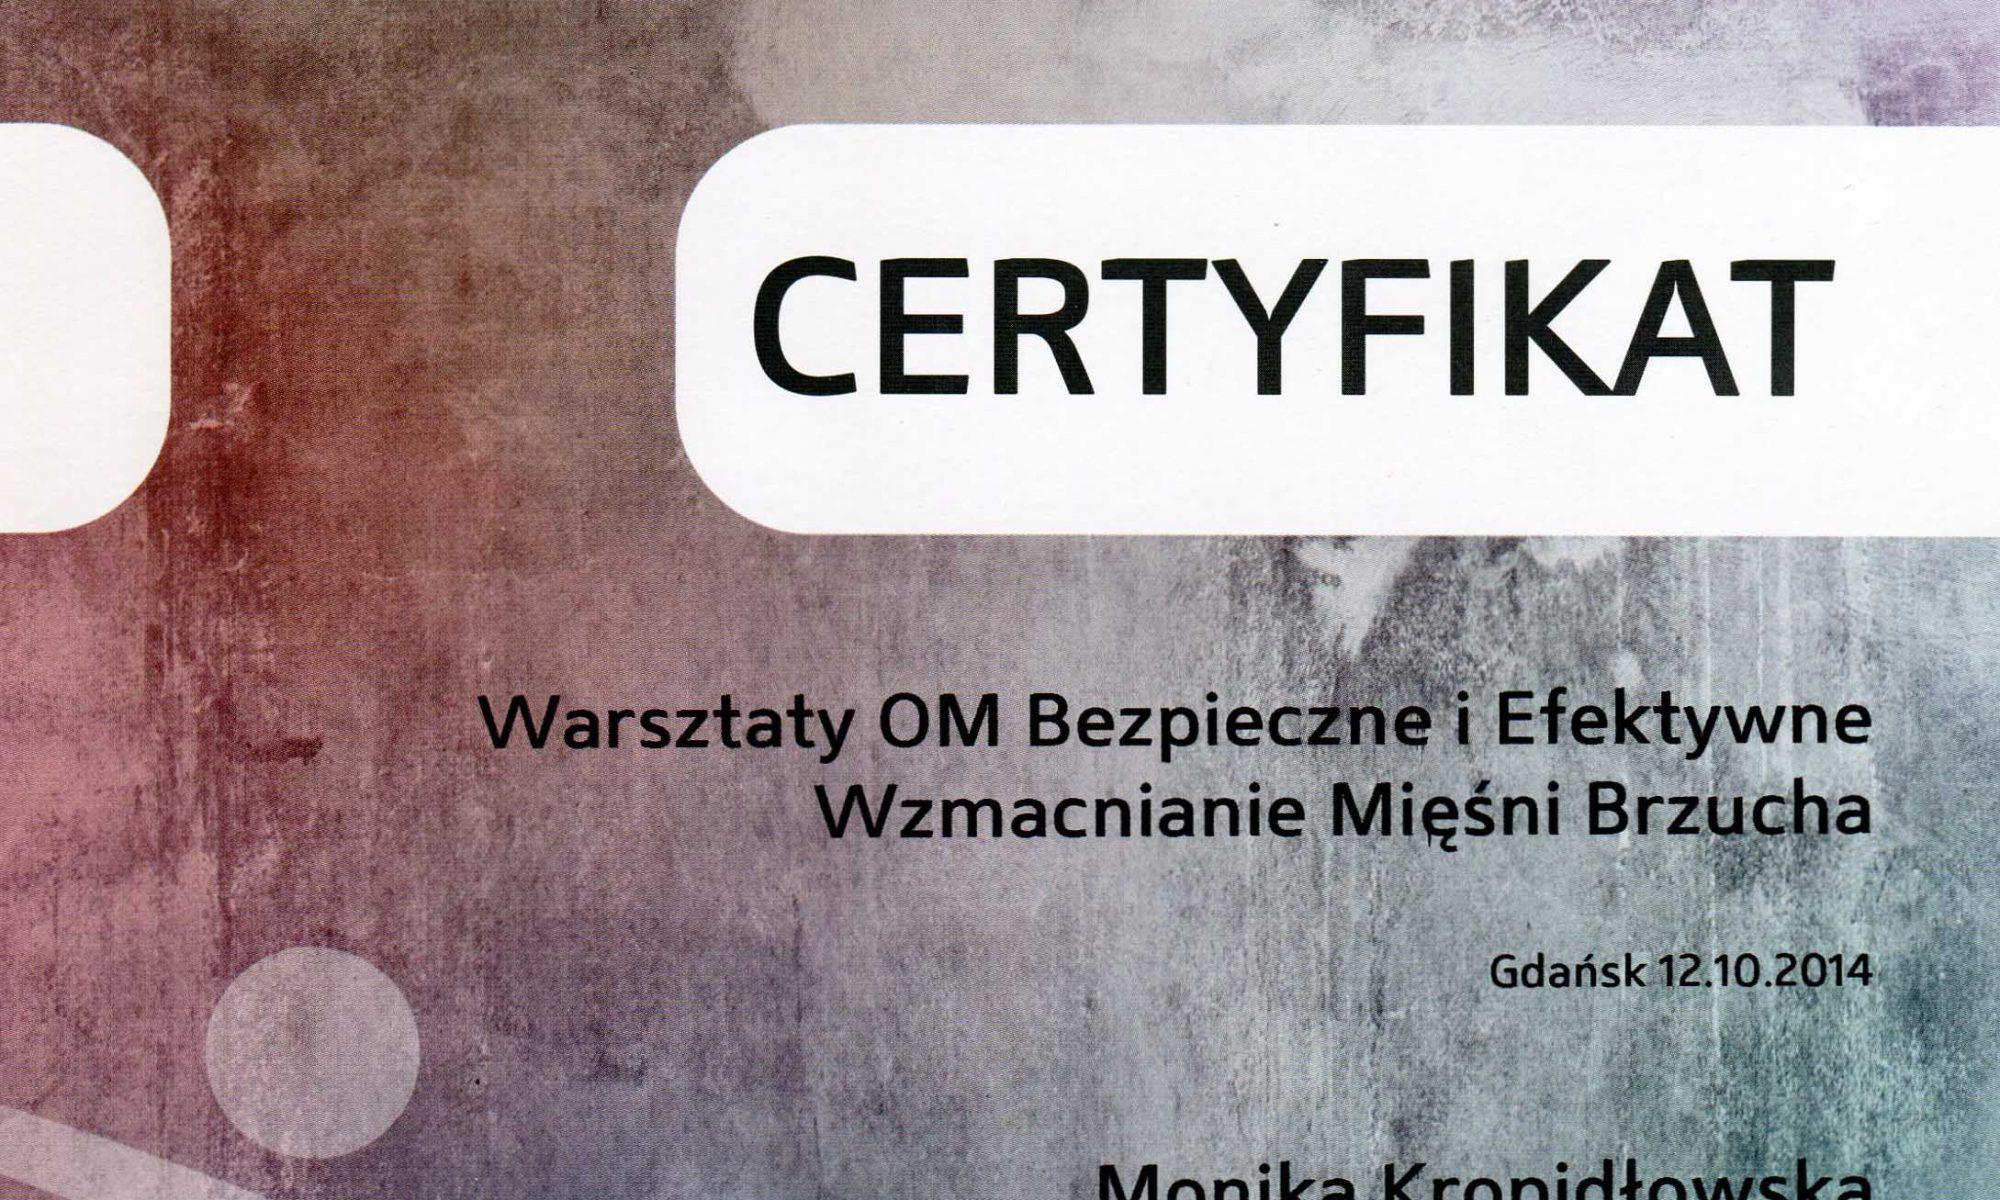 Kinesis Studio Certyfikat Warszaty